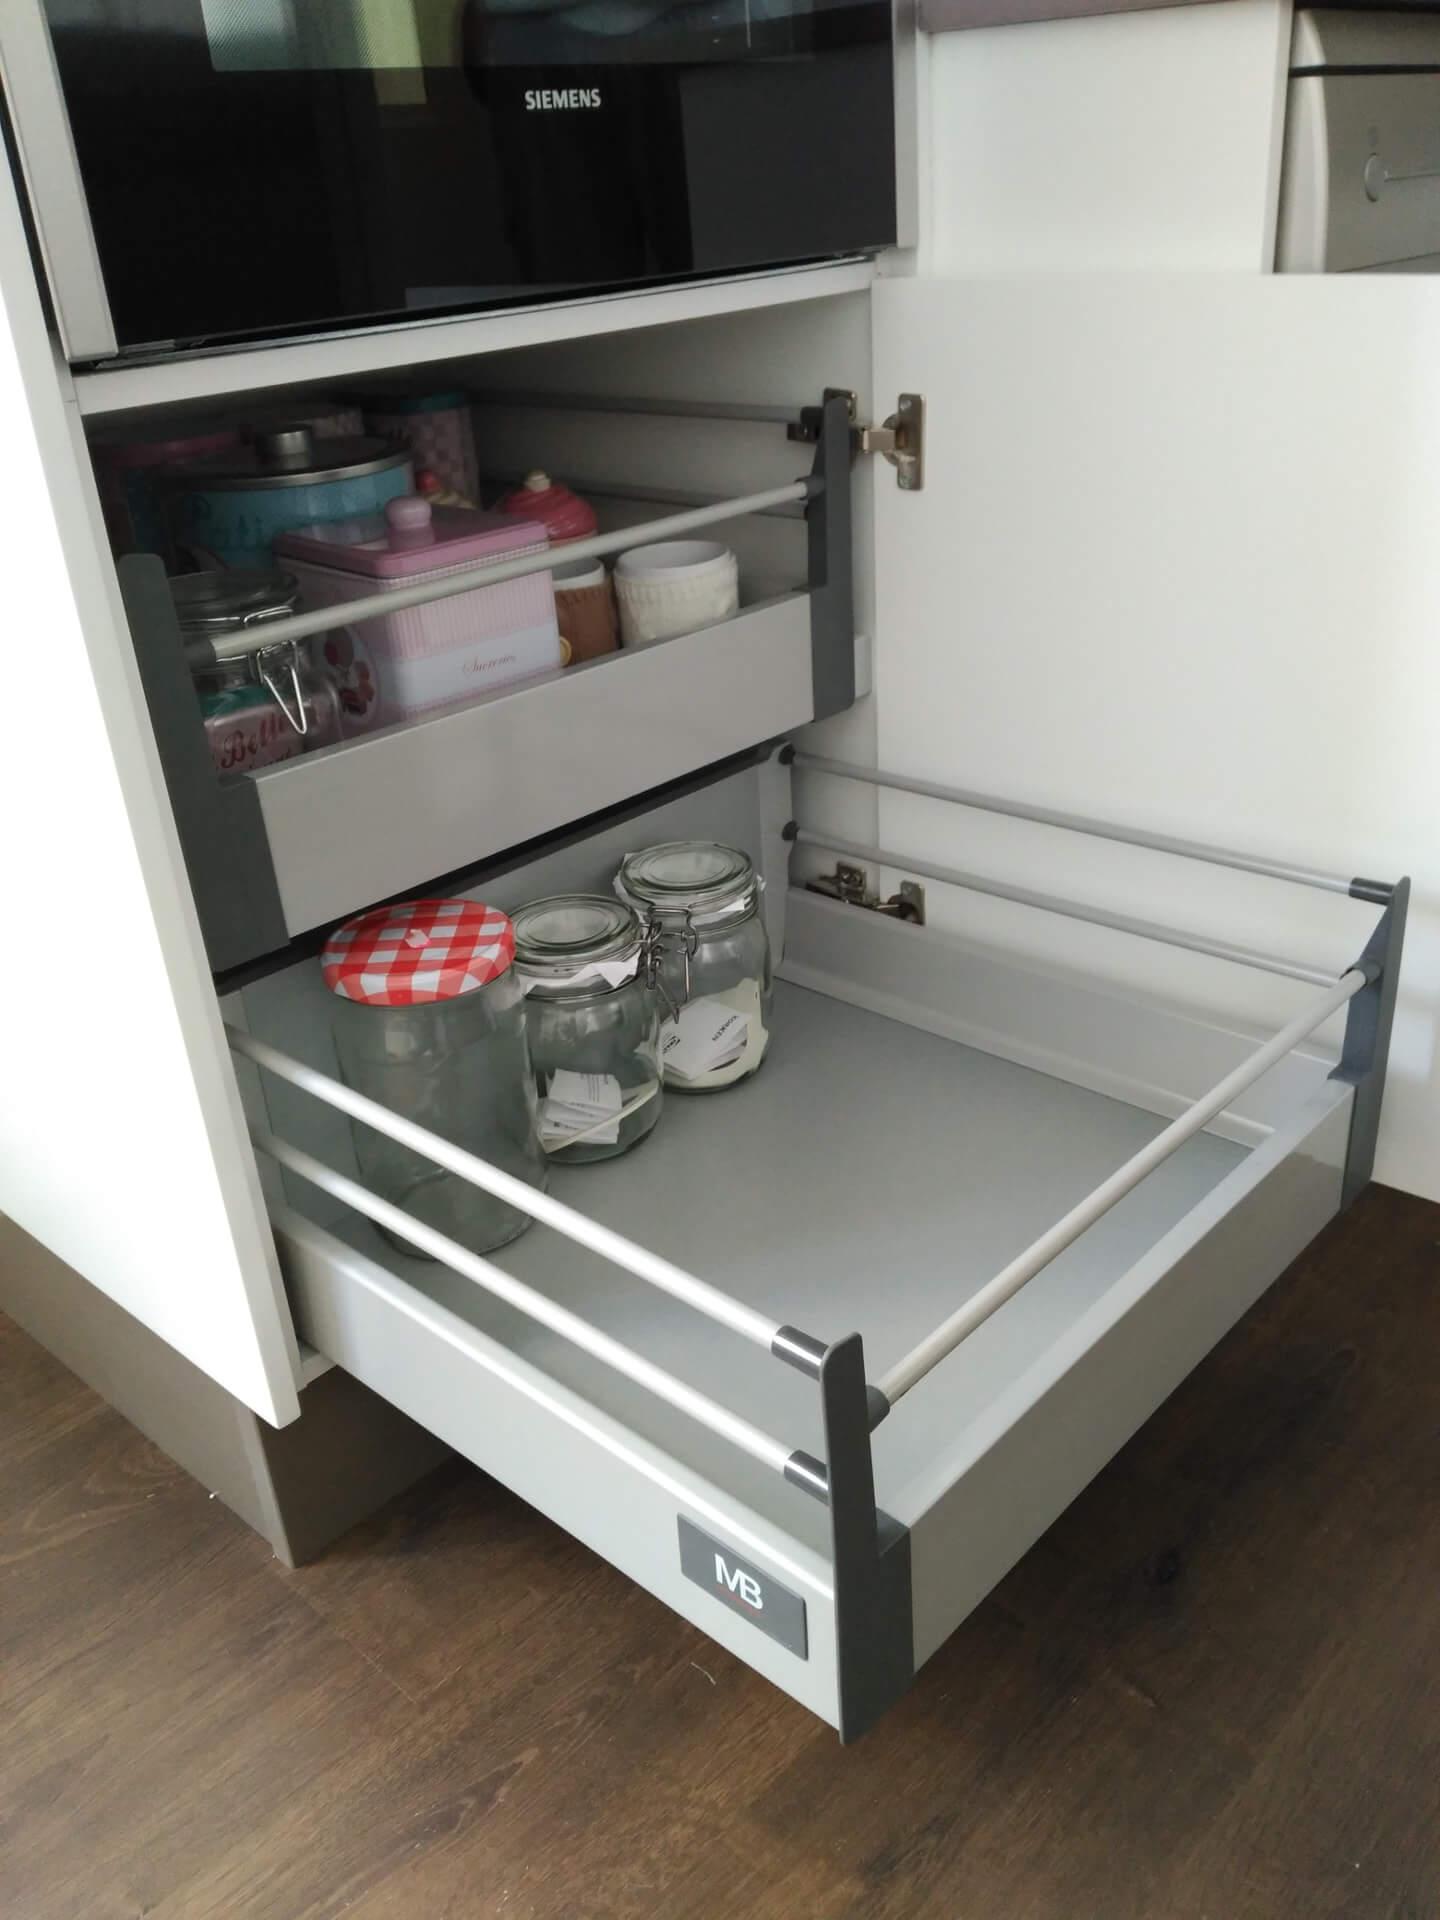 M dulos de cocina blanco mate - Muebles de cocina modulos ...